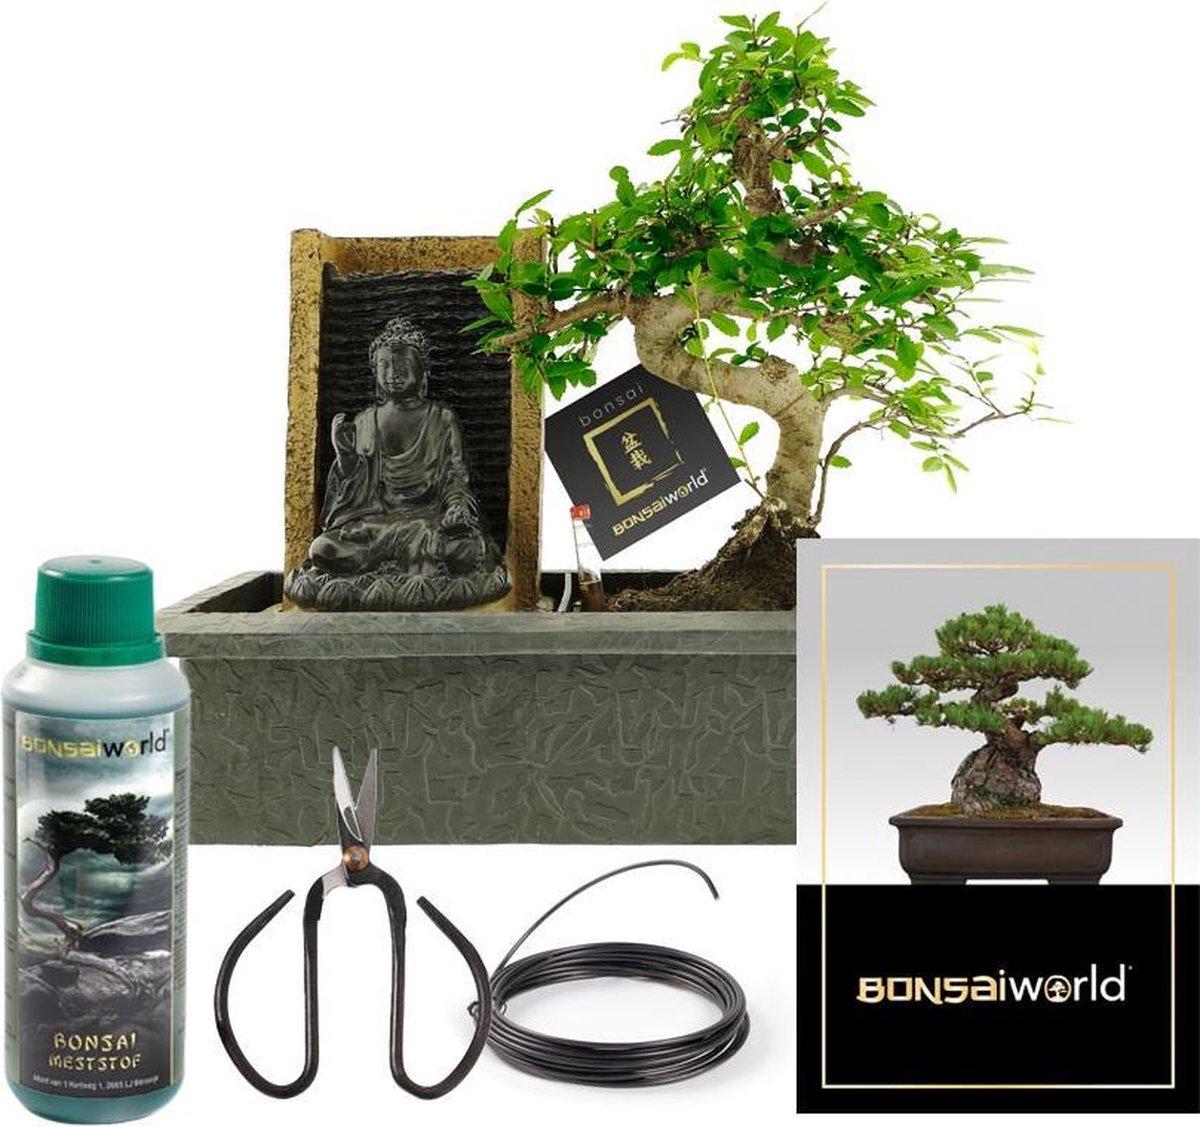 Bonsaiworld Bonsai Boeddha Waterval Set - Bonsai Starters Kit - Bonsai Boompje is 10 jaar oud - Hoogte️ 30-35 cm + Verzorgingskit - Bonsai- Schaar, Bo